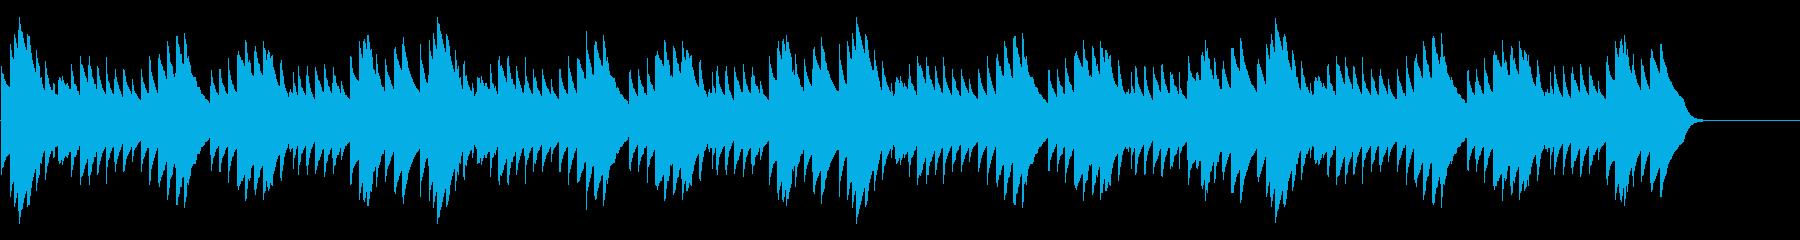 シャボン玉・速い 16bit44kHzの再生済みの波形